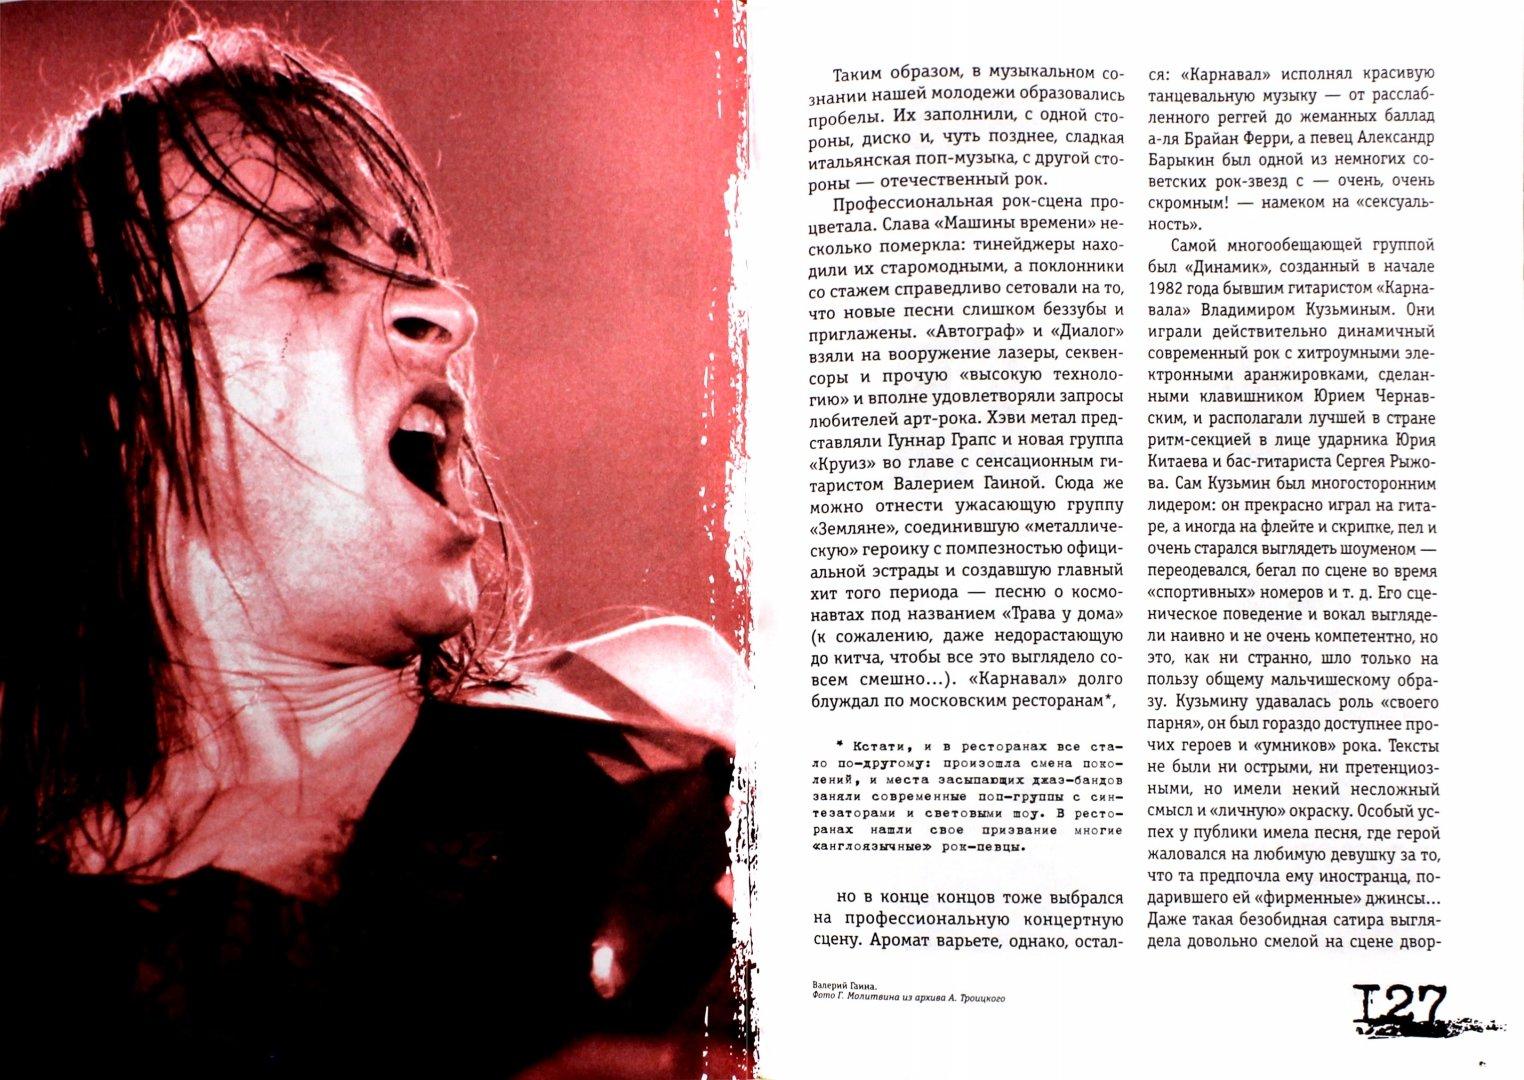 Иллюстрация 1 из 7 для Back in the USSR - Артемий Троицкий | Лабиринт - книги. Источник: Лабиринт